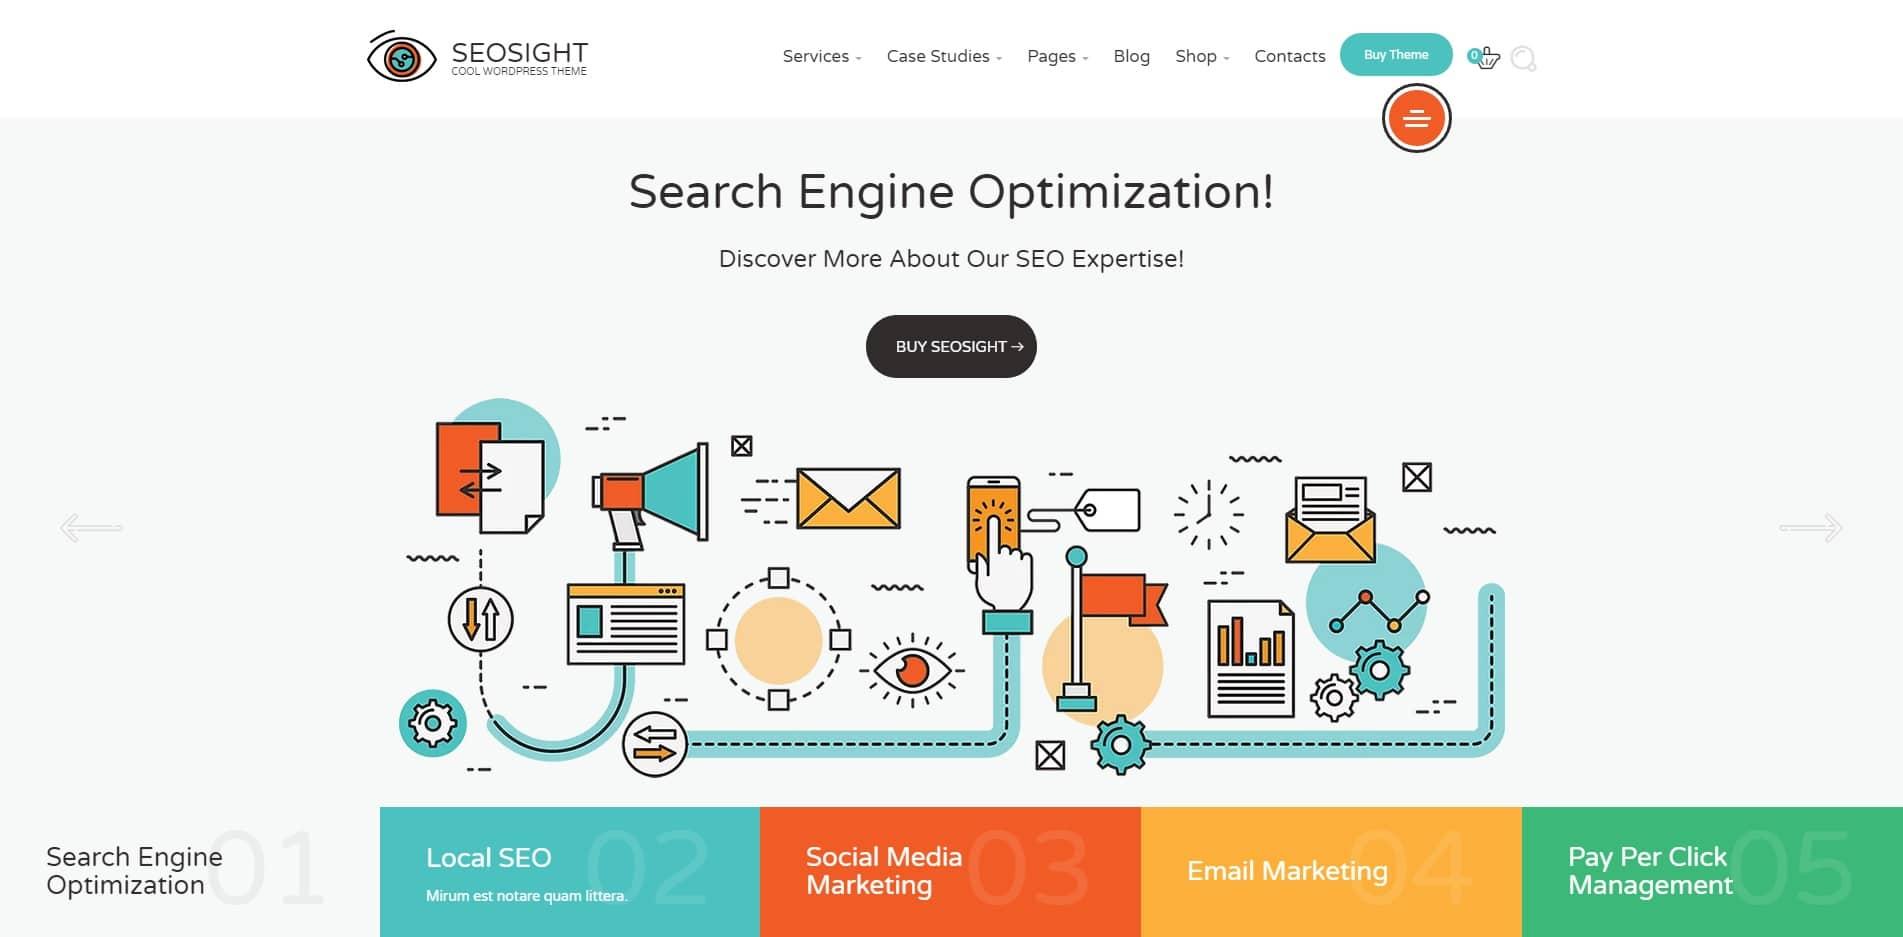 seosight technology website template